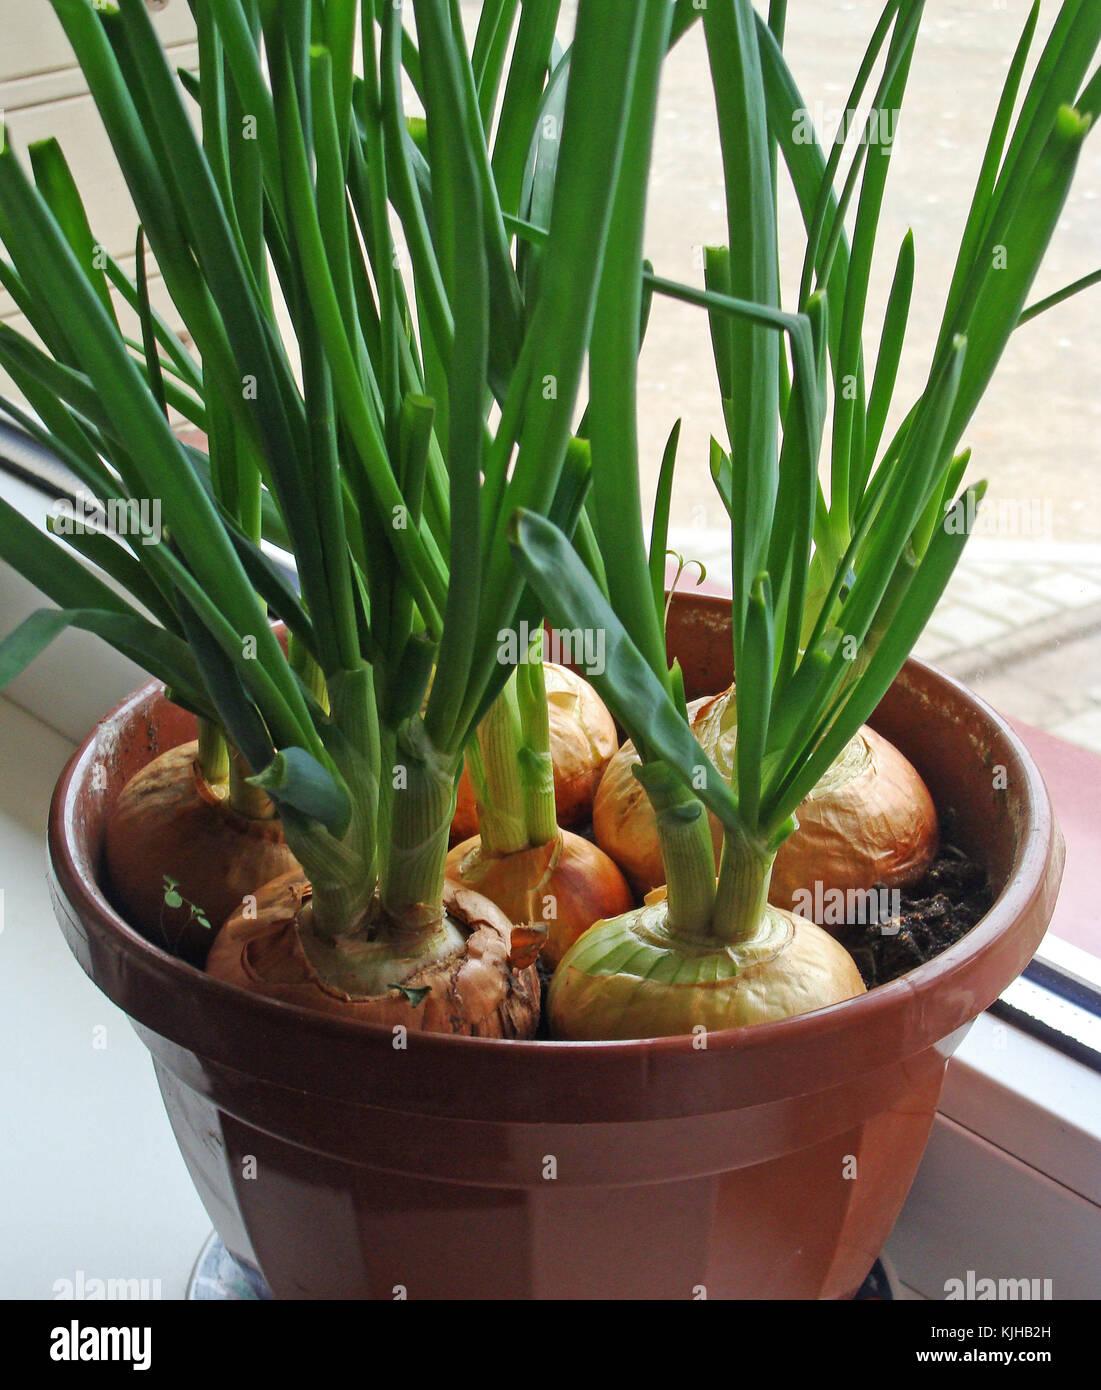 Indoor gardening stock photos indoor gardening stock for Indoor gardening onions